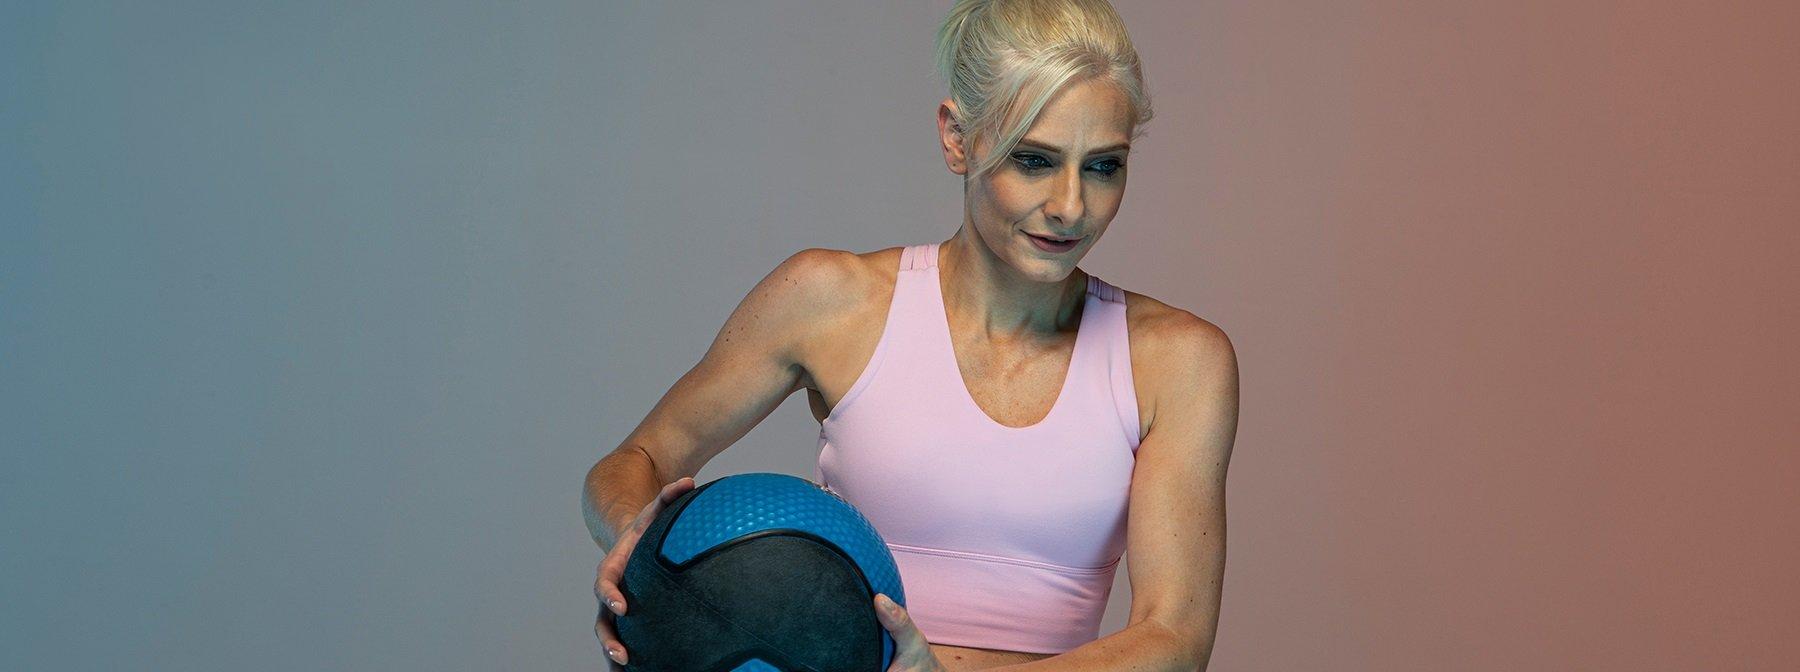 Encontró el fitness después de ser madre | La historia de Naomi | 8 millones de clientes